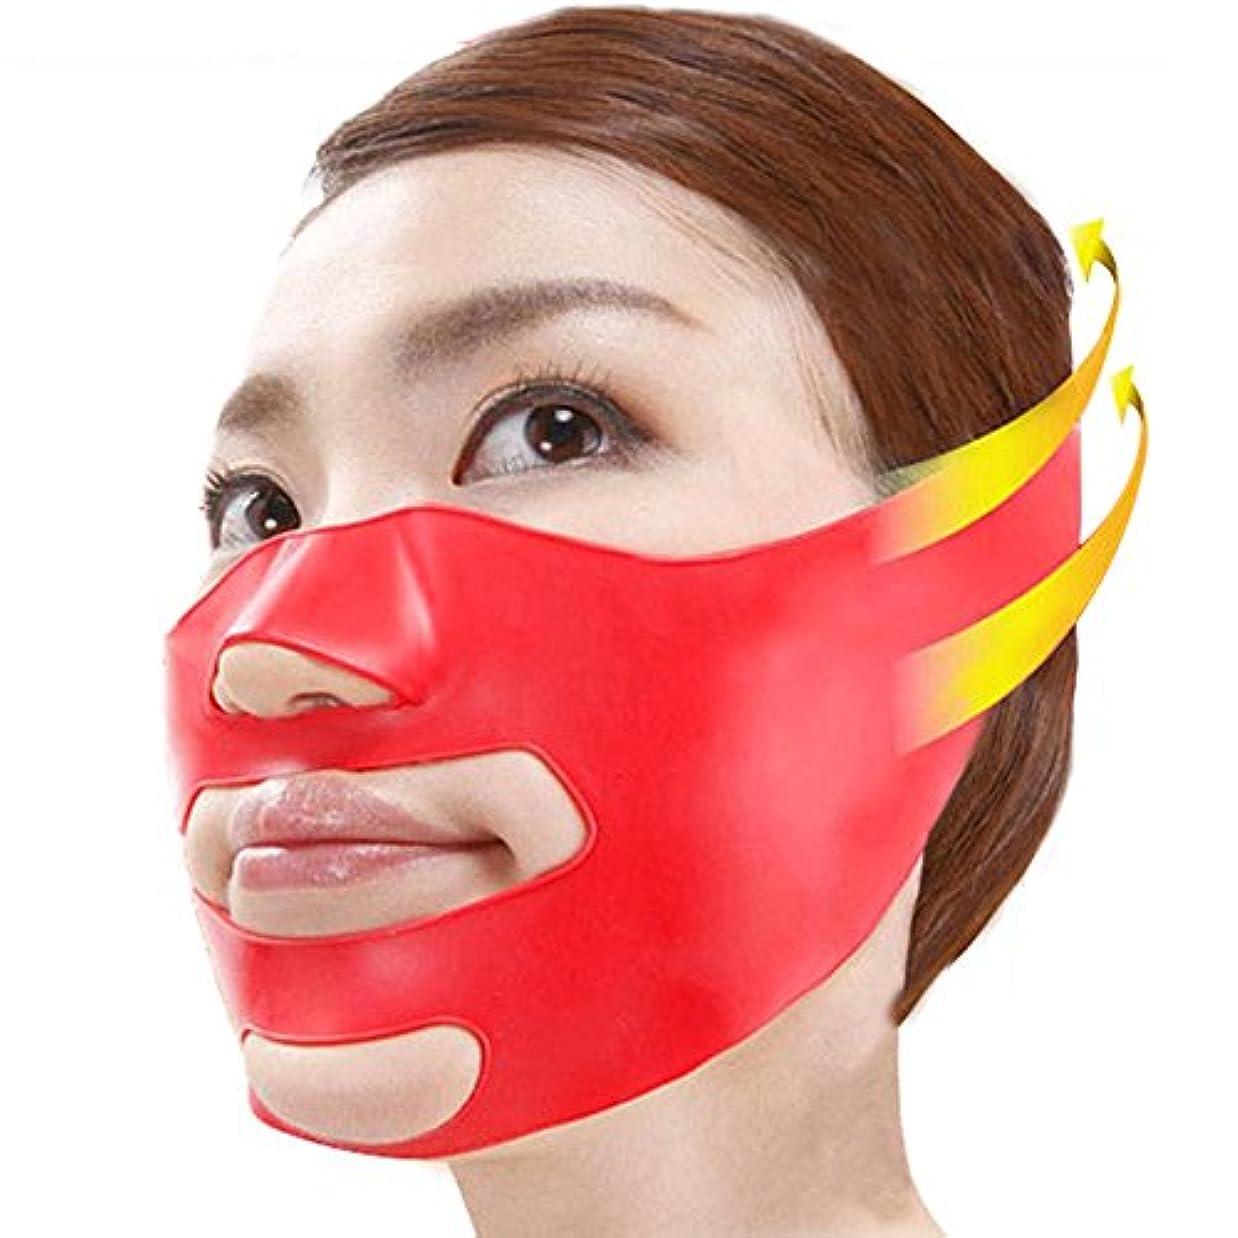 三十読書をするコンドーム3D 小顔 マッサージグッズ フェイスマスク 美容 顔痩せ ほうれい線 消す グッズ 美顔 矯正 (フリーサイズ, レッド)